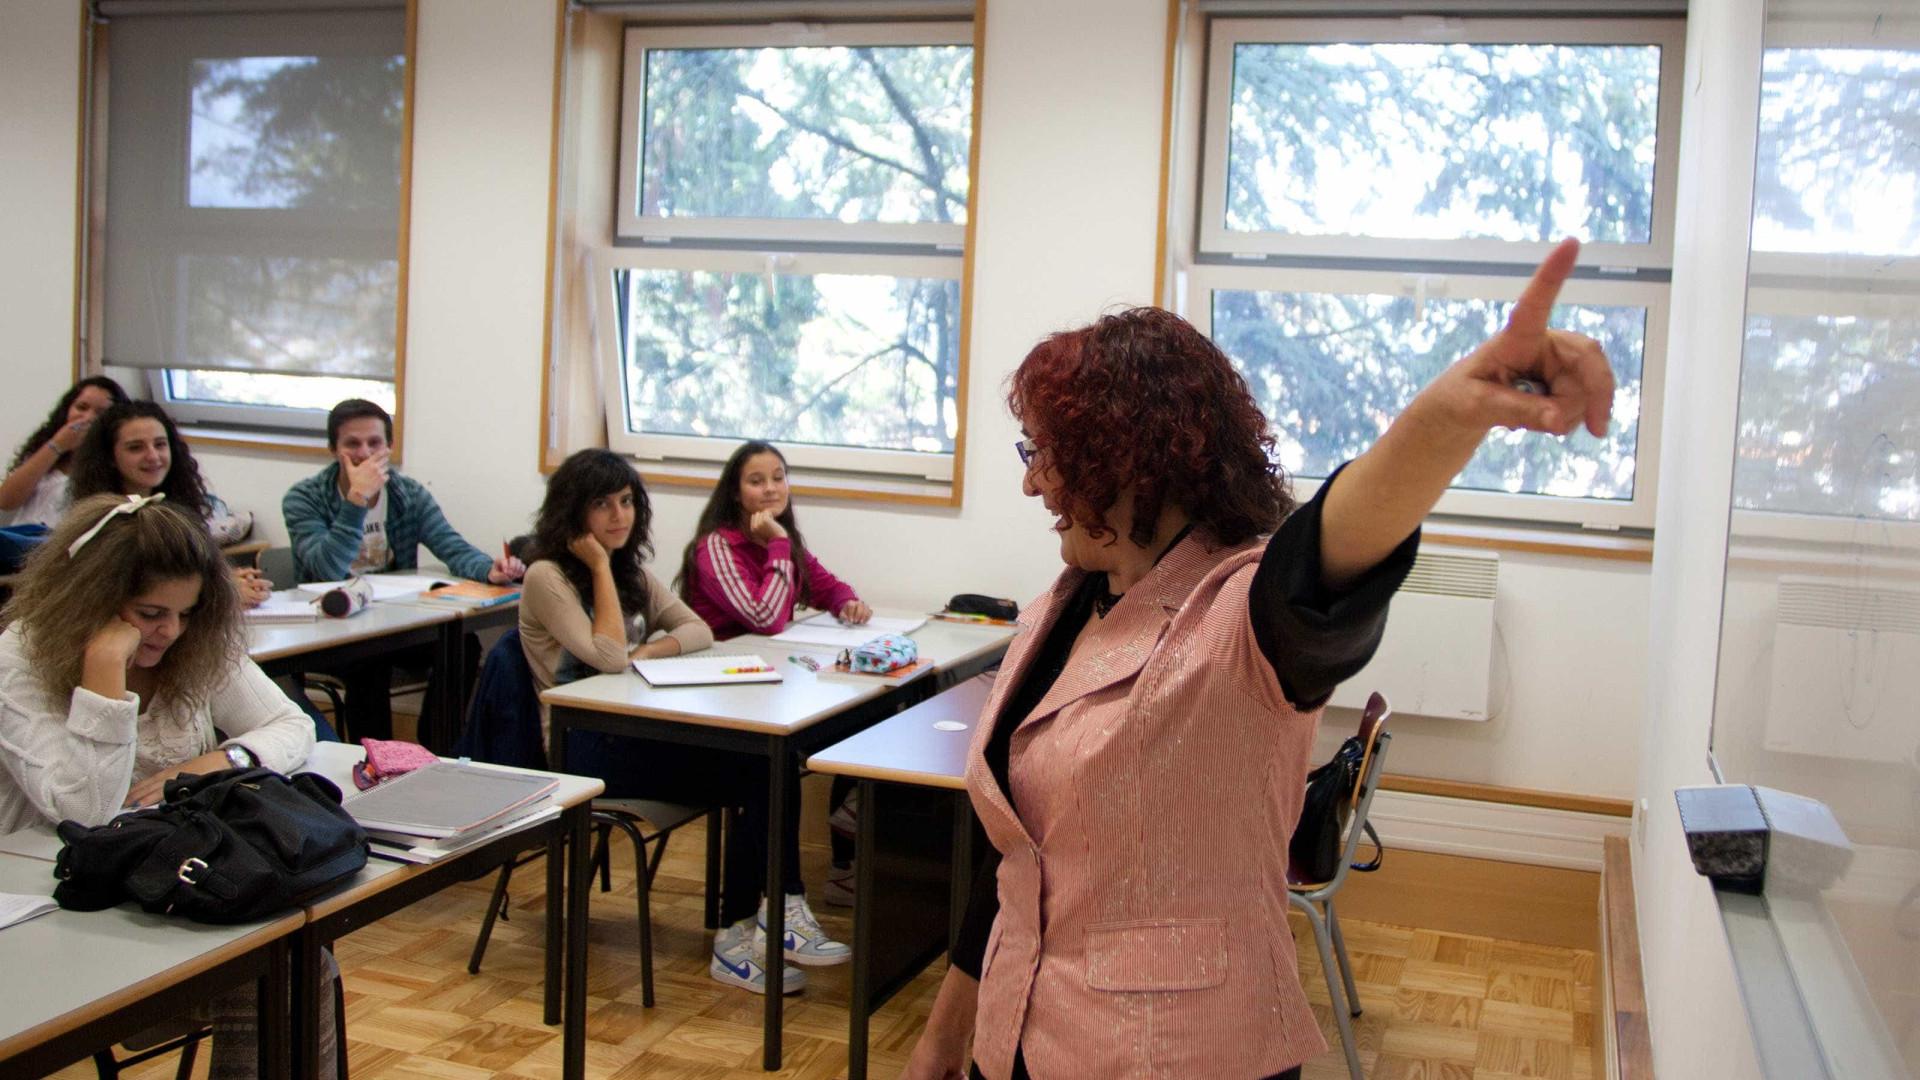 Prova de avaliação docente a 18 de Dezembro, com custo de 20 euros